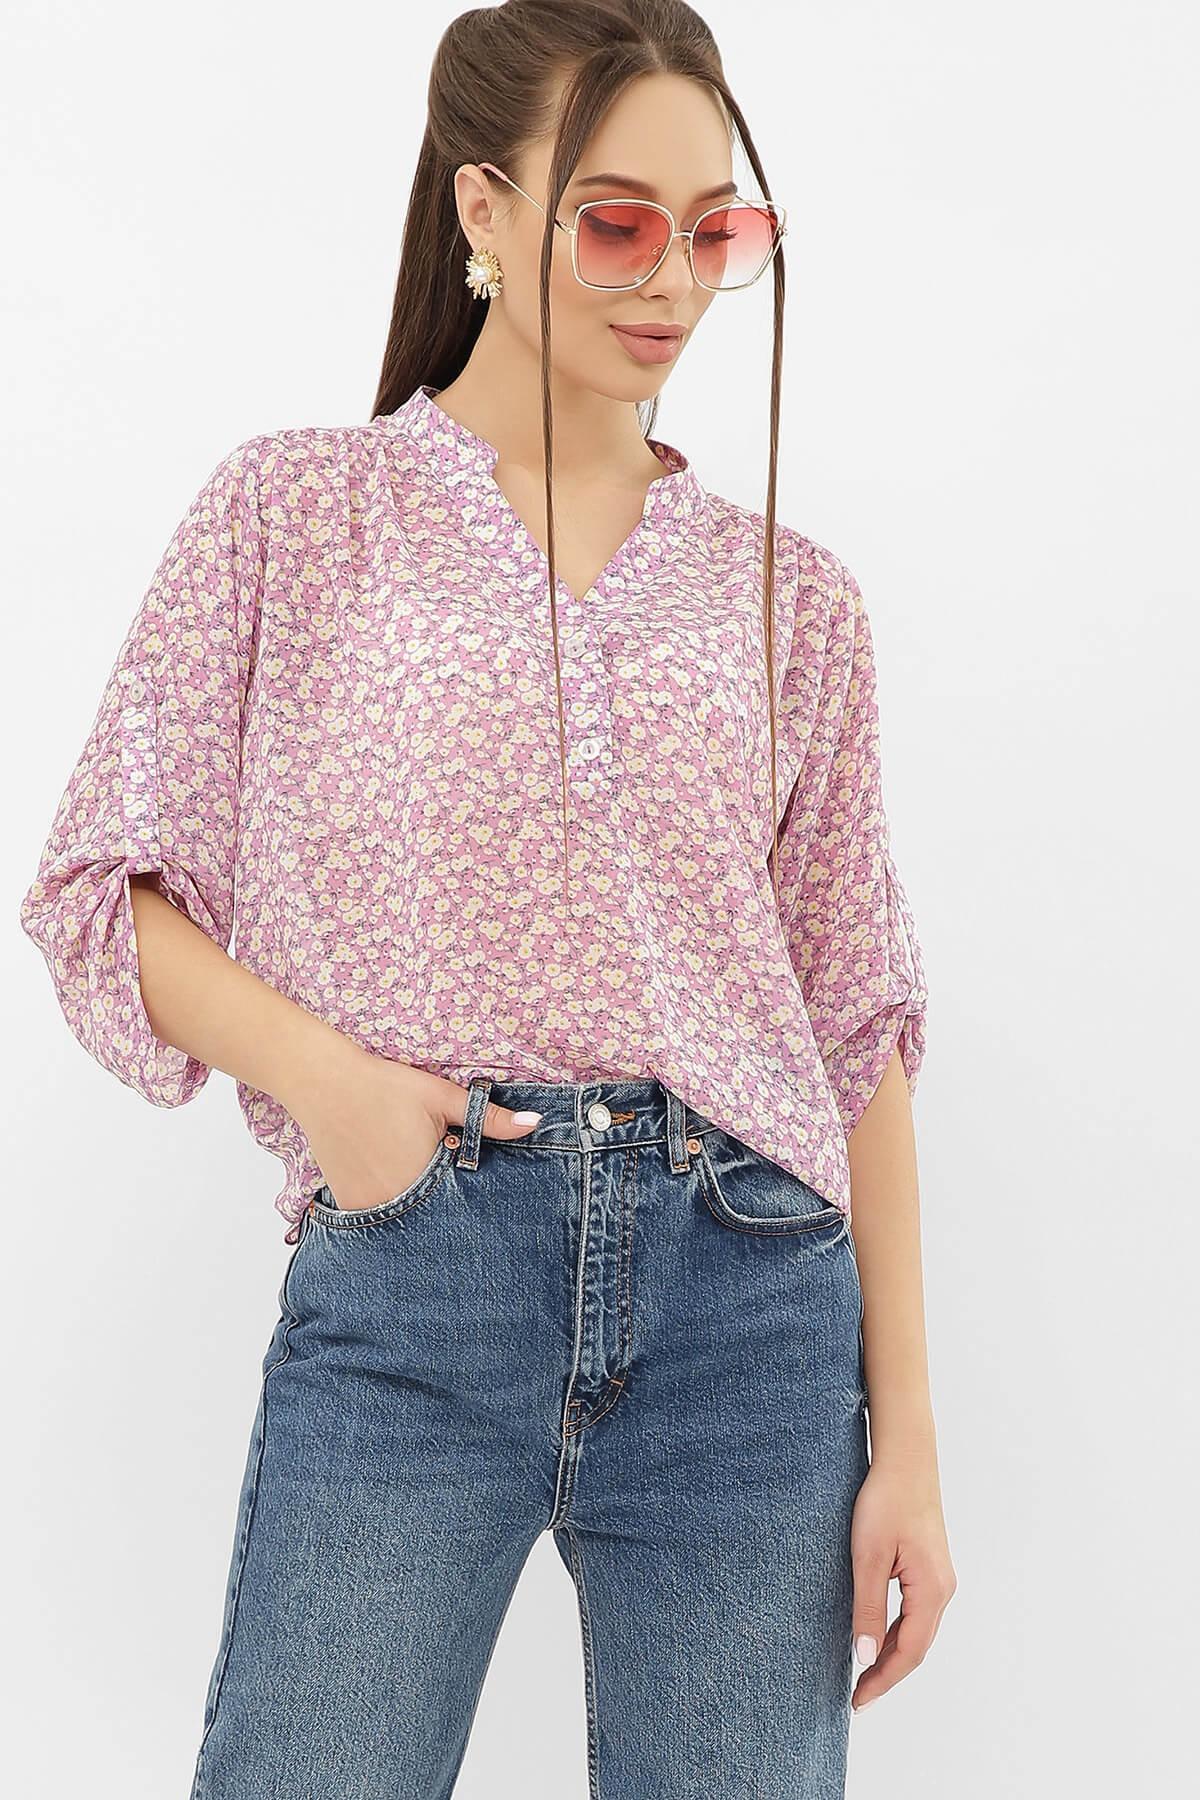 Блуза Севара VI ᐈ сиреневая шифоновая блуза в цветочек от МамаТато